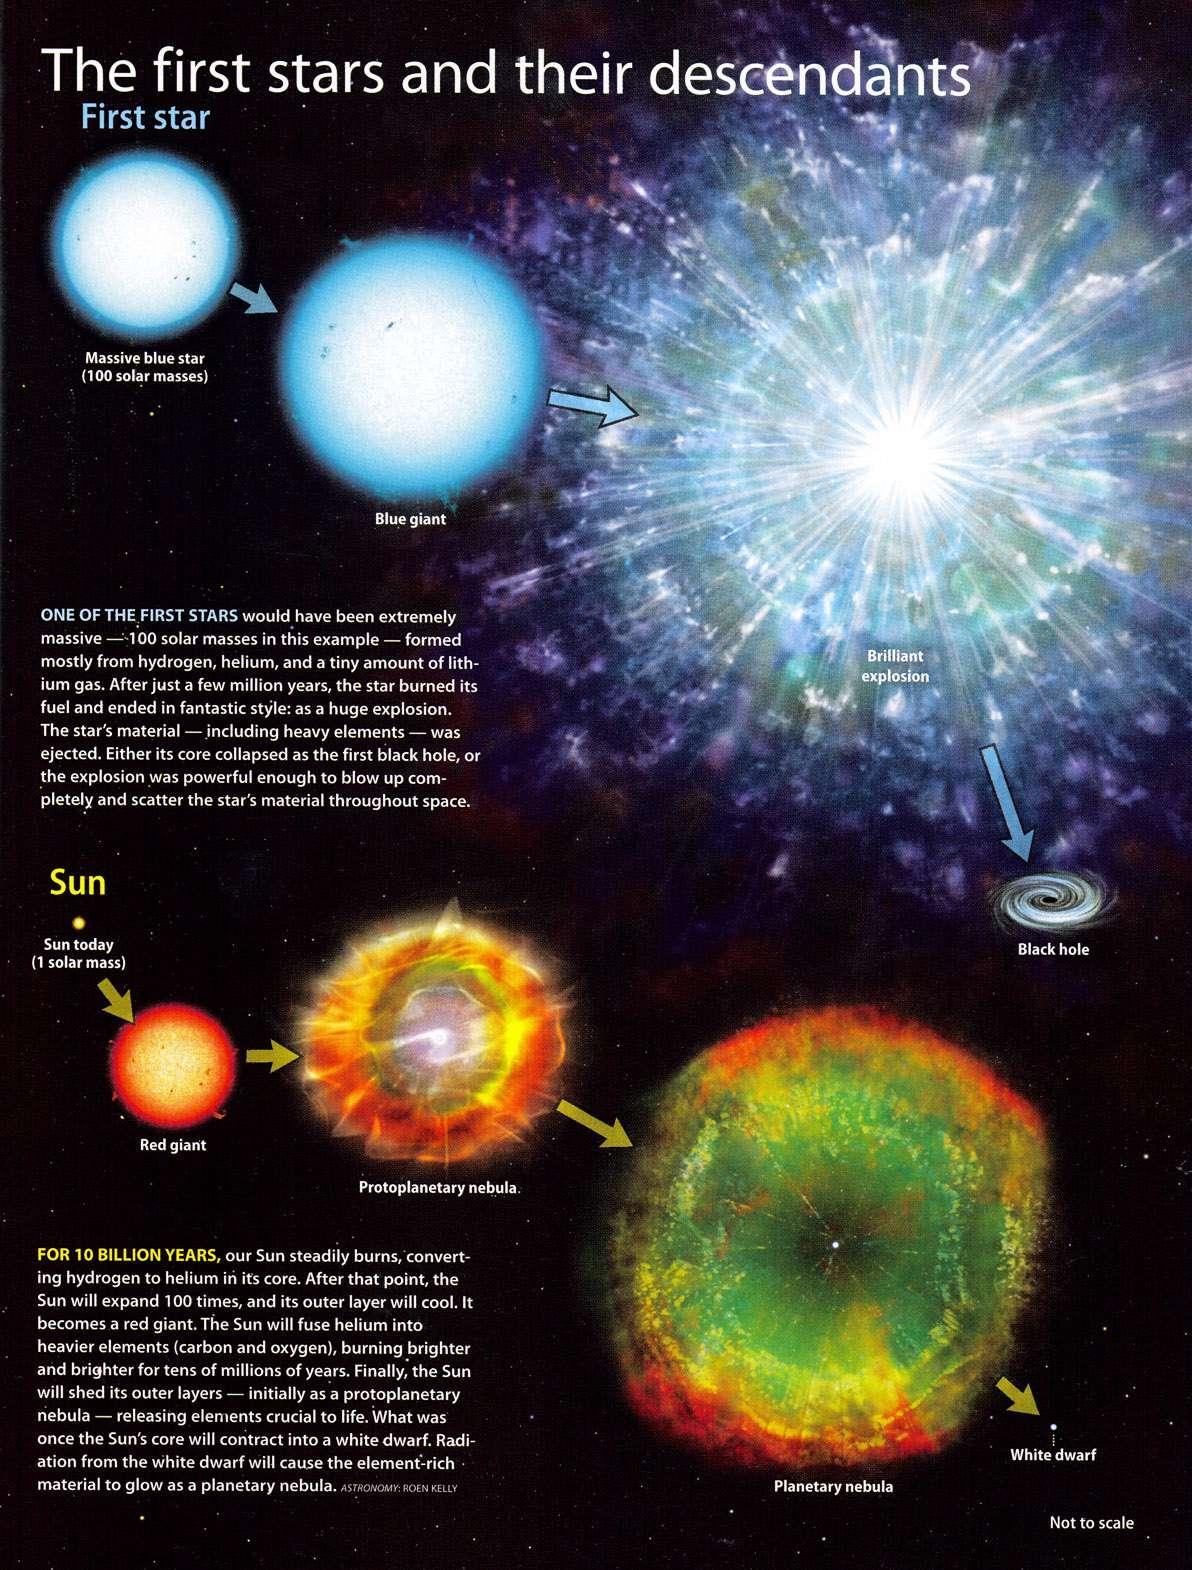 Evolution comparée classique d'une étoile massive de première génération, dite encore de population III, avec en bas celle du Soleil. Ces étoiles de population III sont très massives et brillent pendant quelques millions d'années tout au plus. Crédit : John D. Johnson